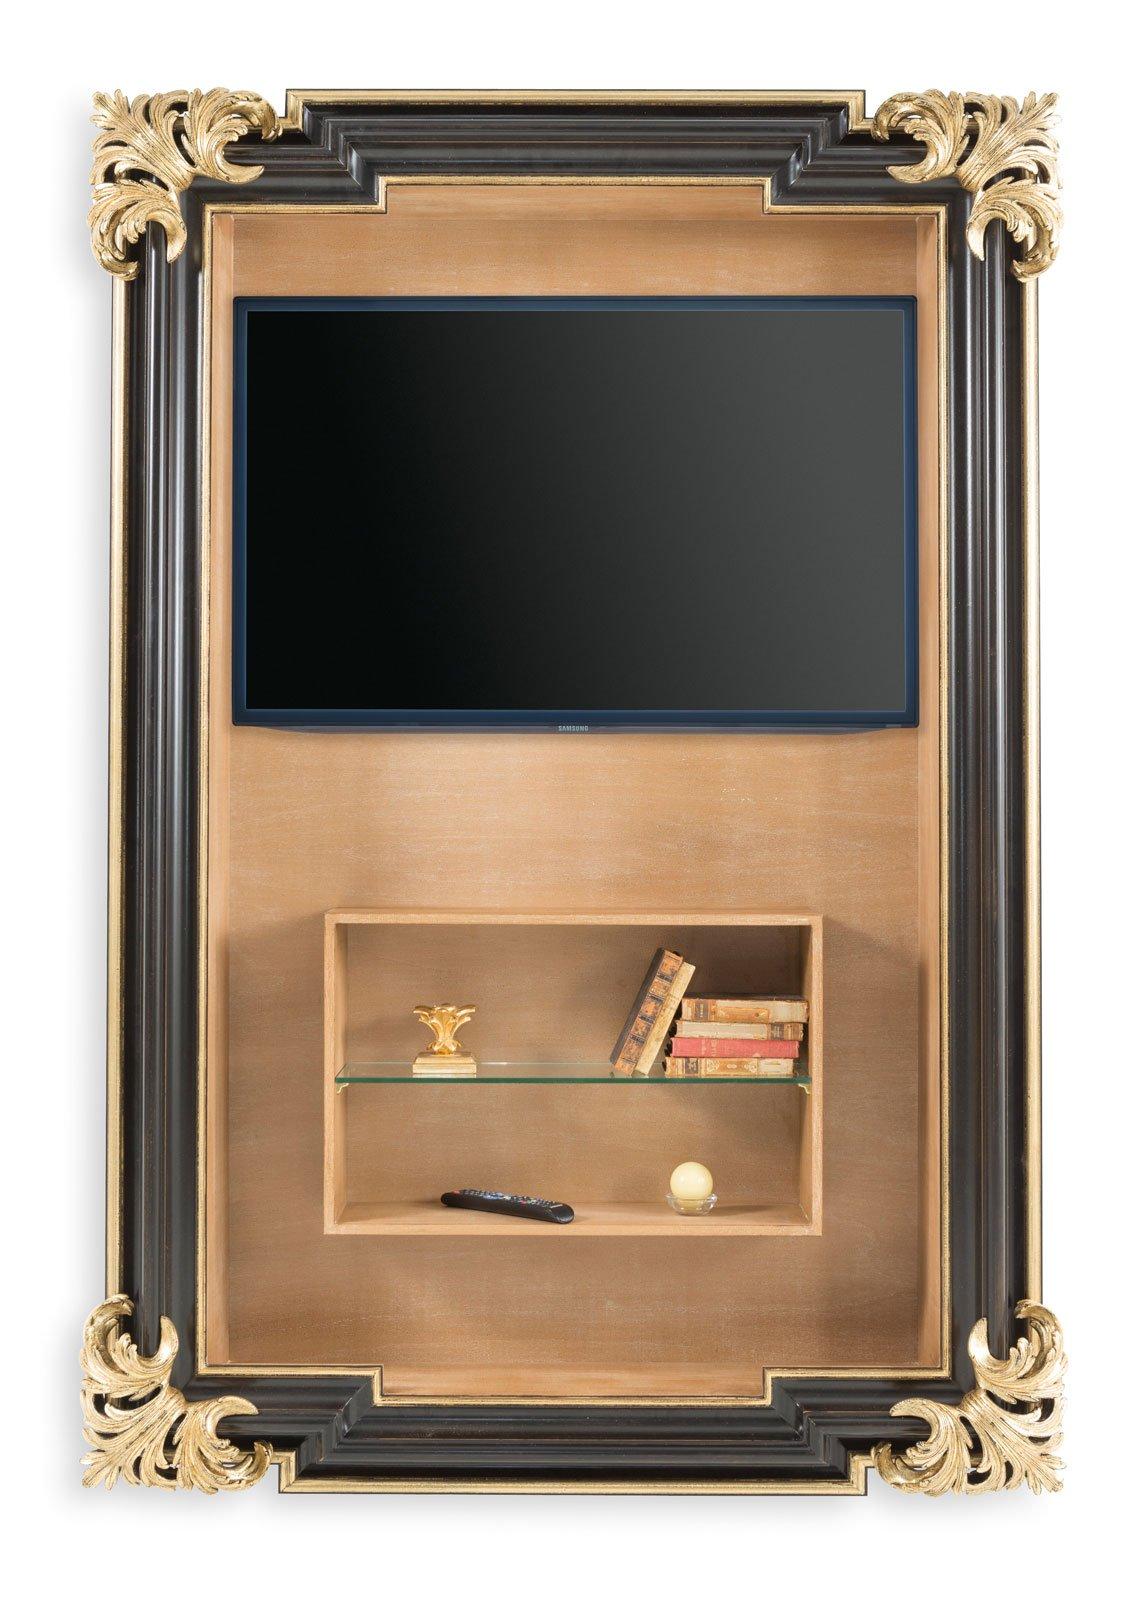 Librerie e vetrine al salone internazionale del mobile 2015 cose di casa - Porta tv originali ...